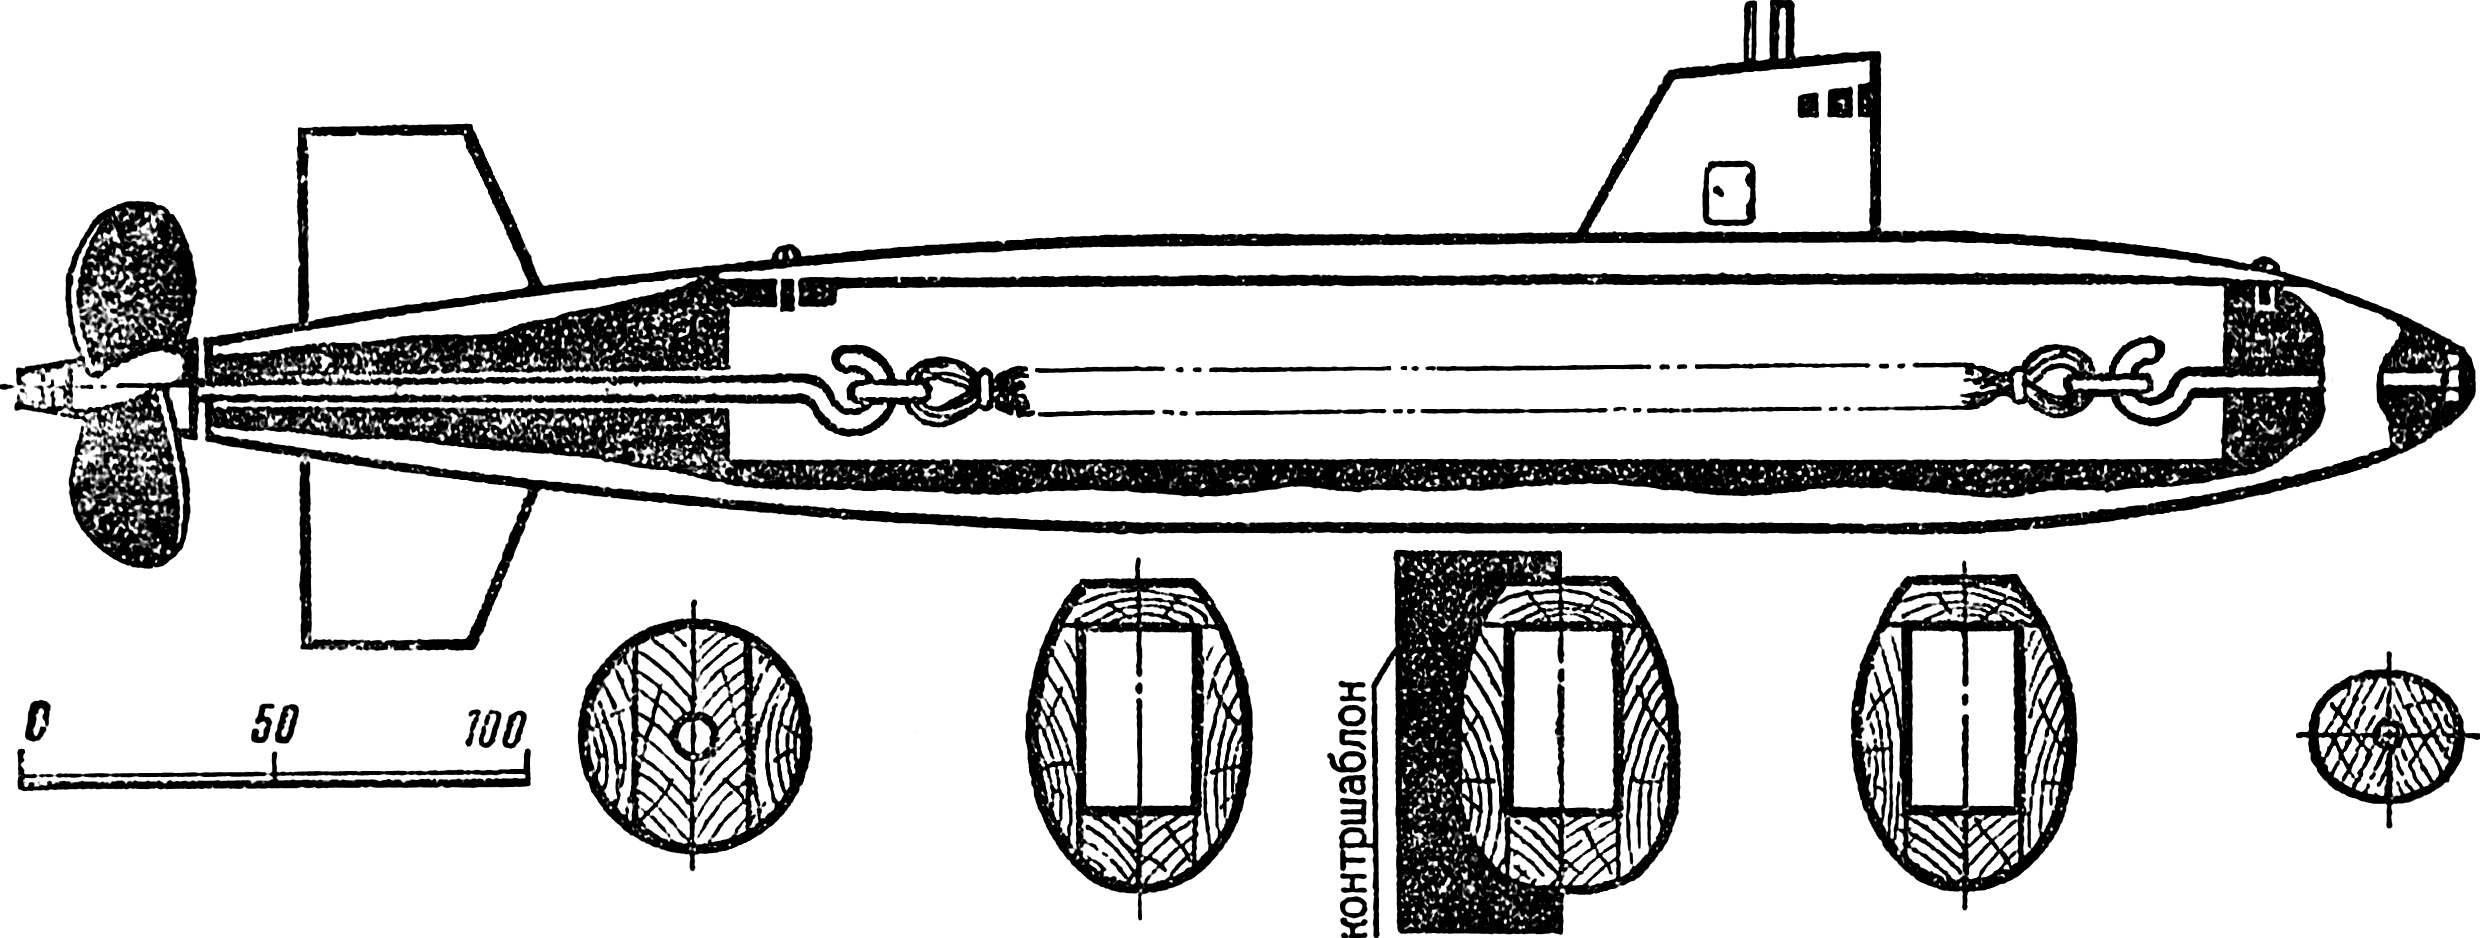 Как сделать подводную лодку: поделки для мальчиков на 30